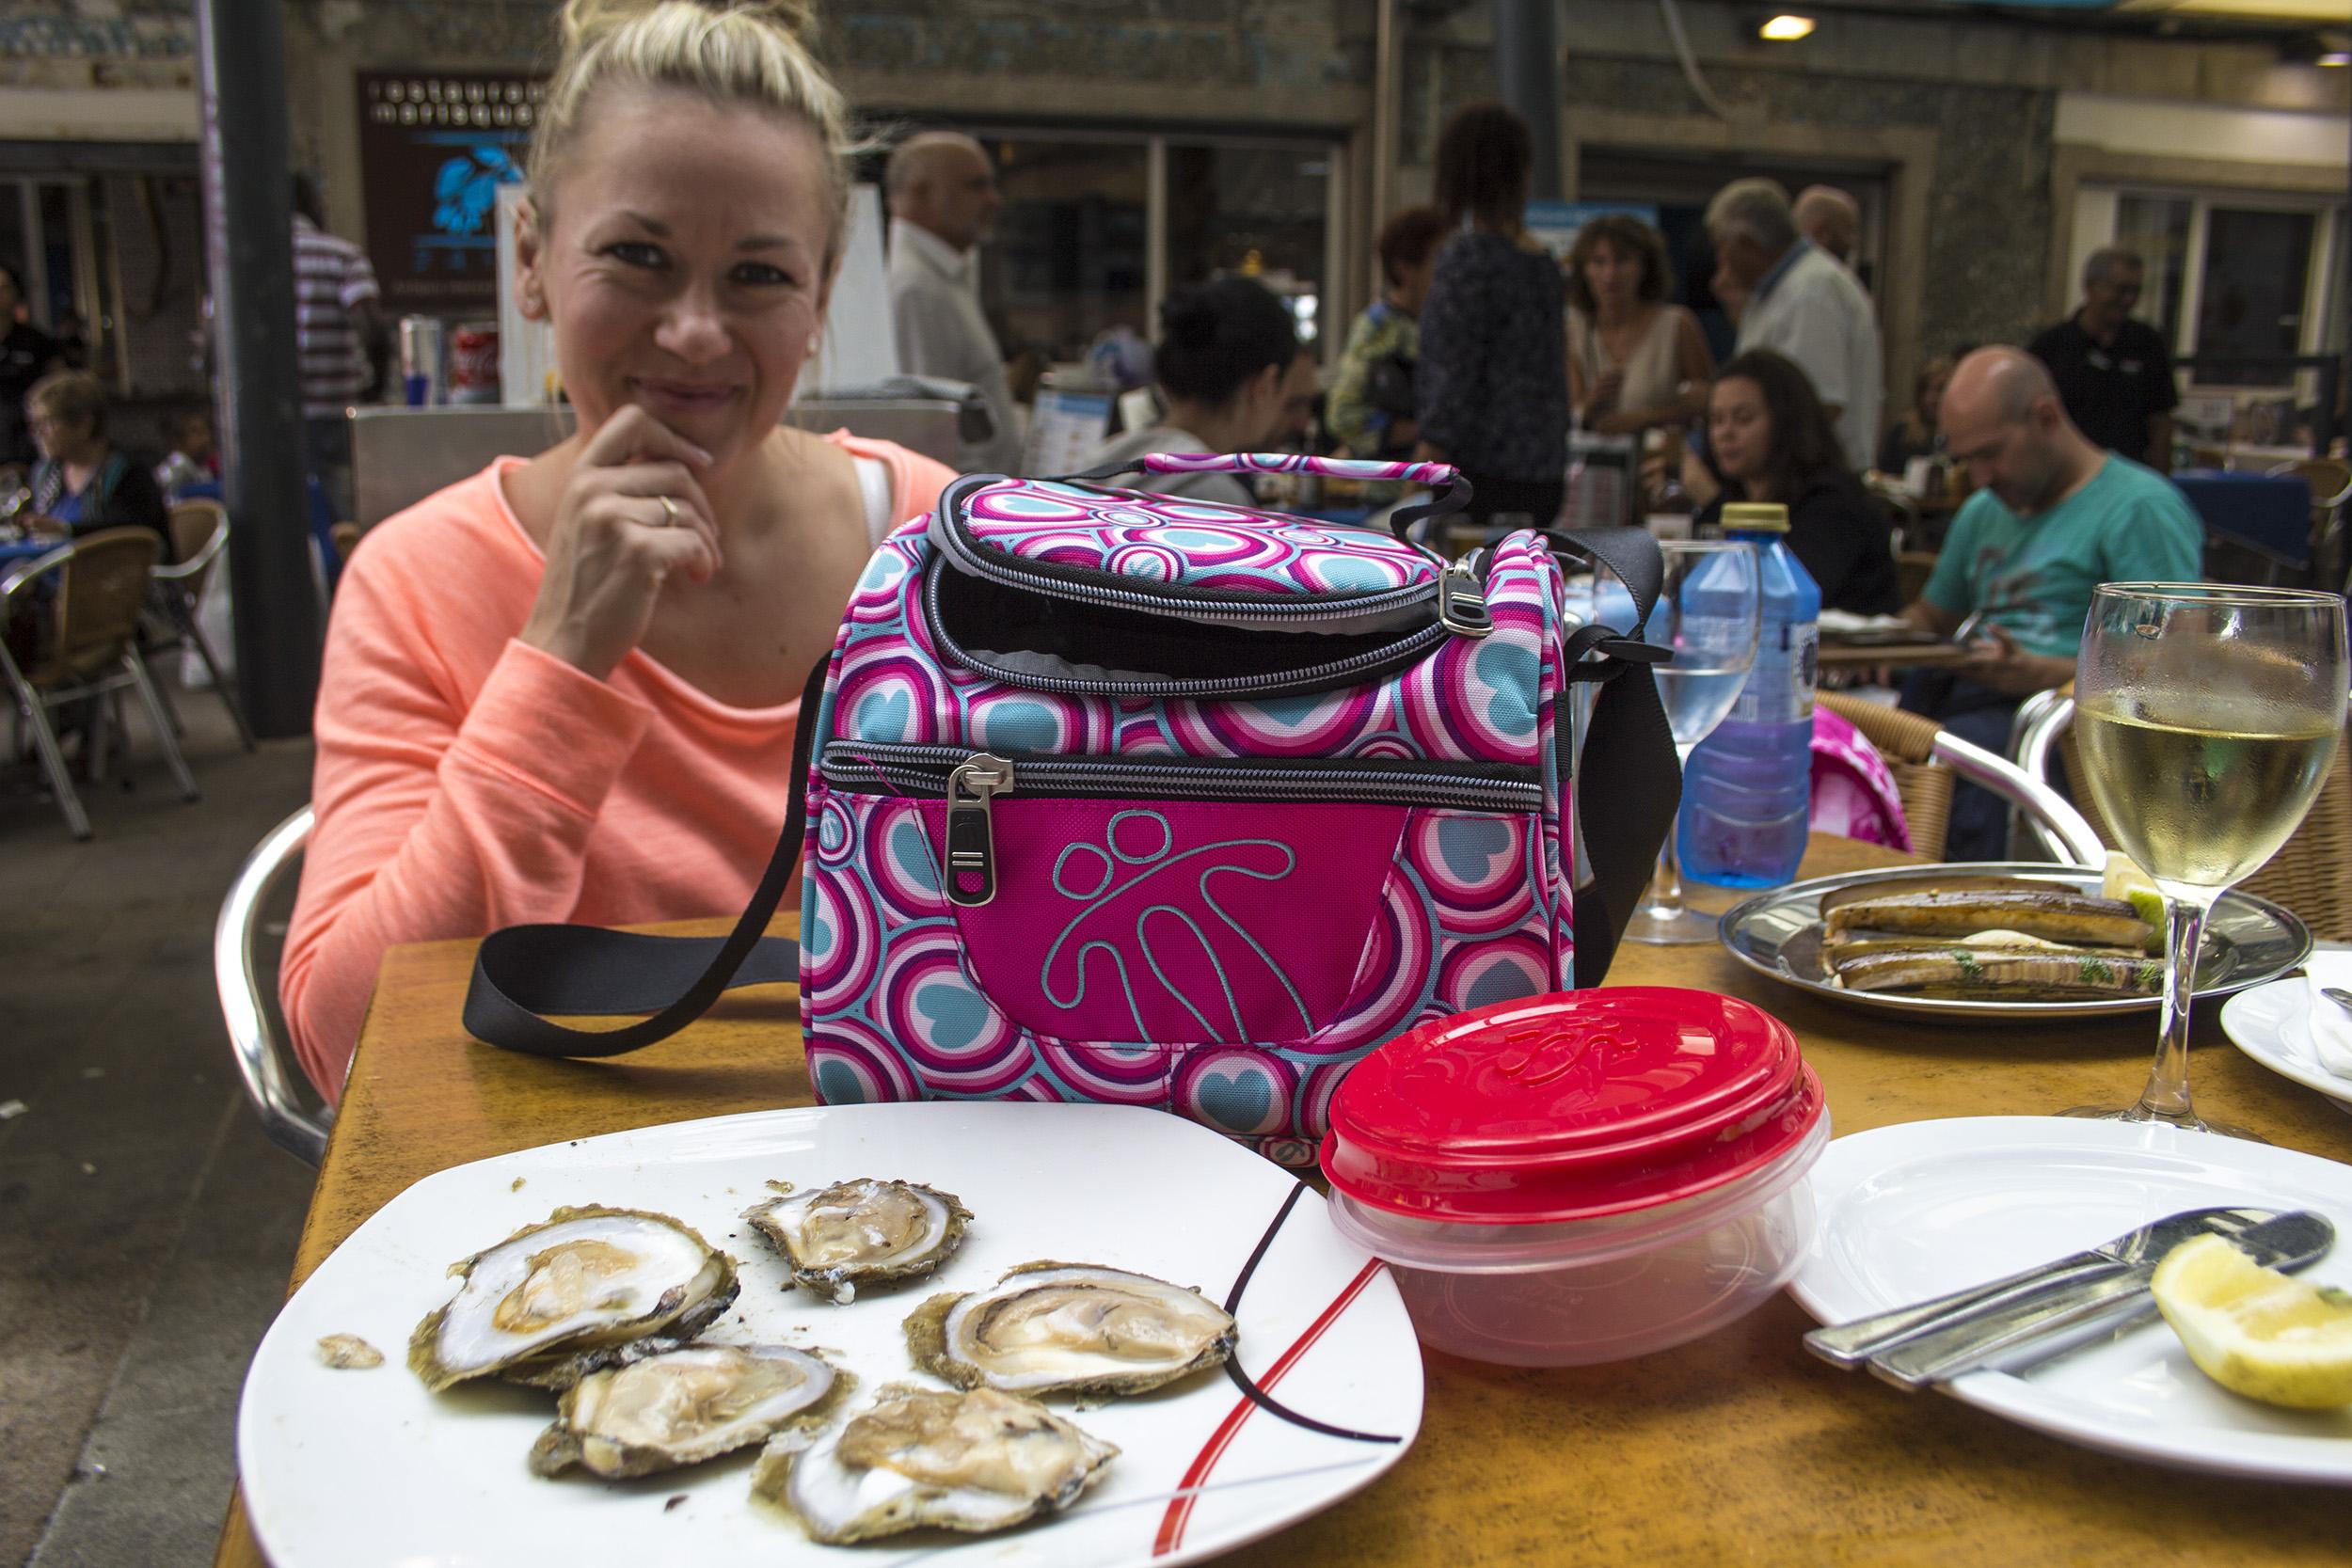 5 alimentos ricos que harán tu dieta más sana by Mola Viajar